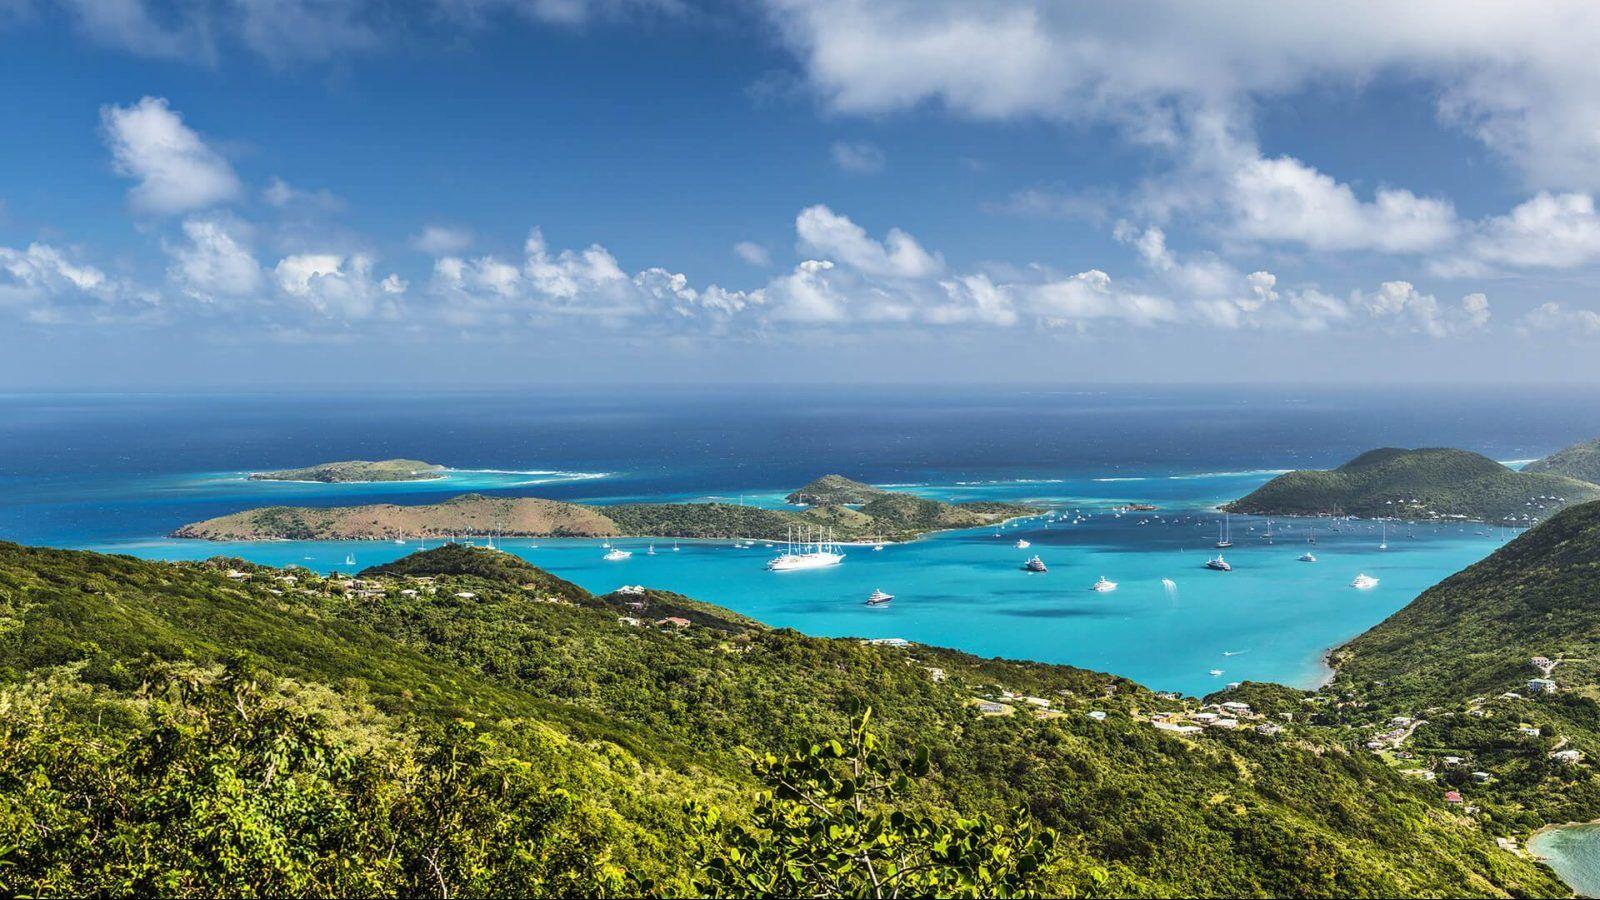 5_IYC_Virgin_islands-e1567682513967